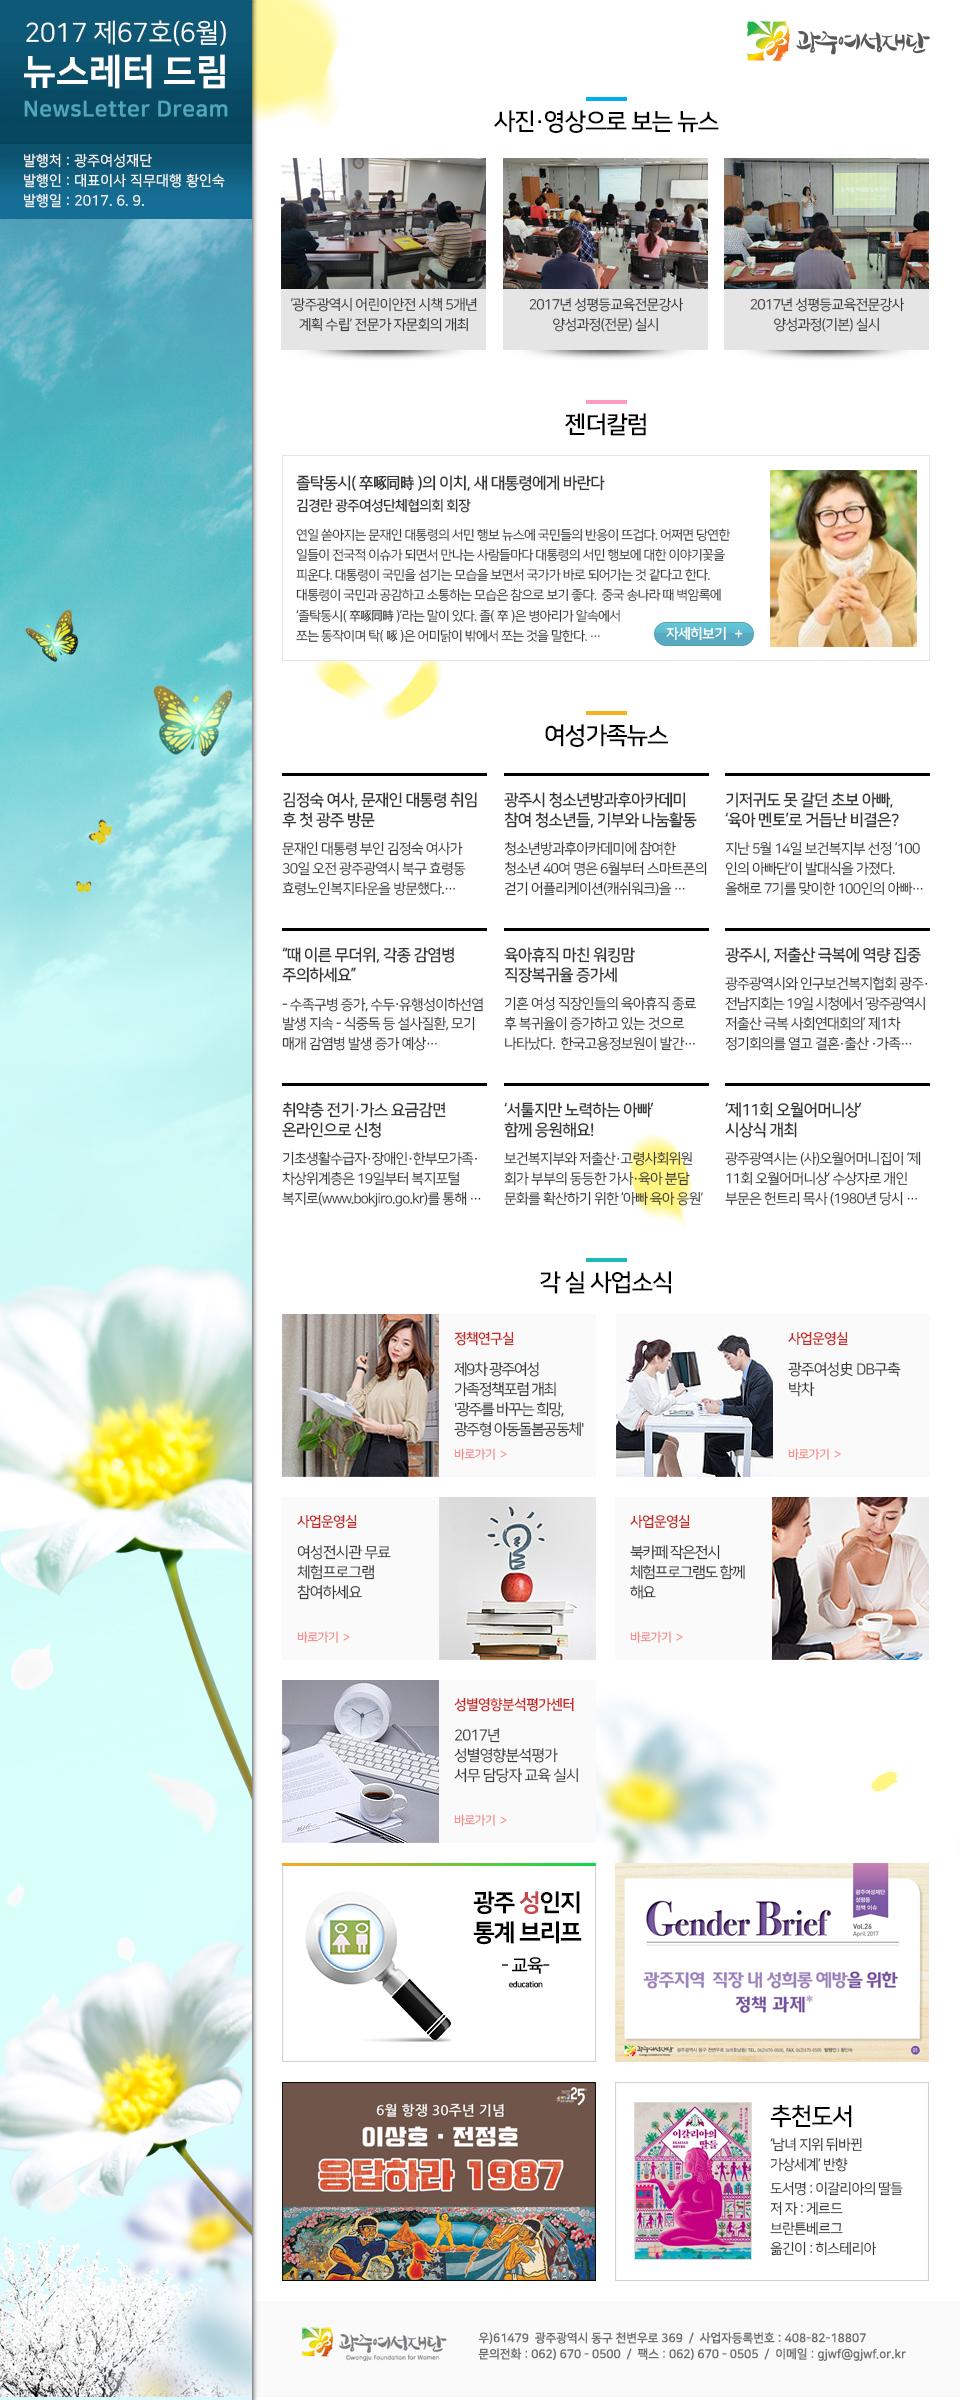 뉴스레터 드림 67호(17.06월) 썸네일